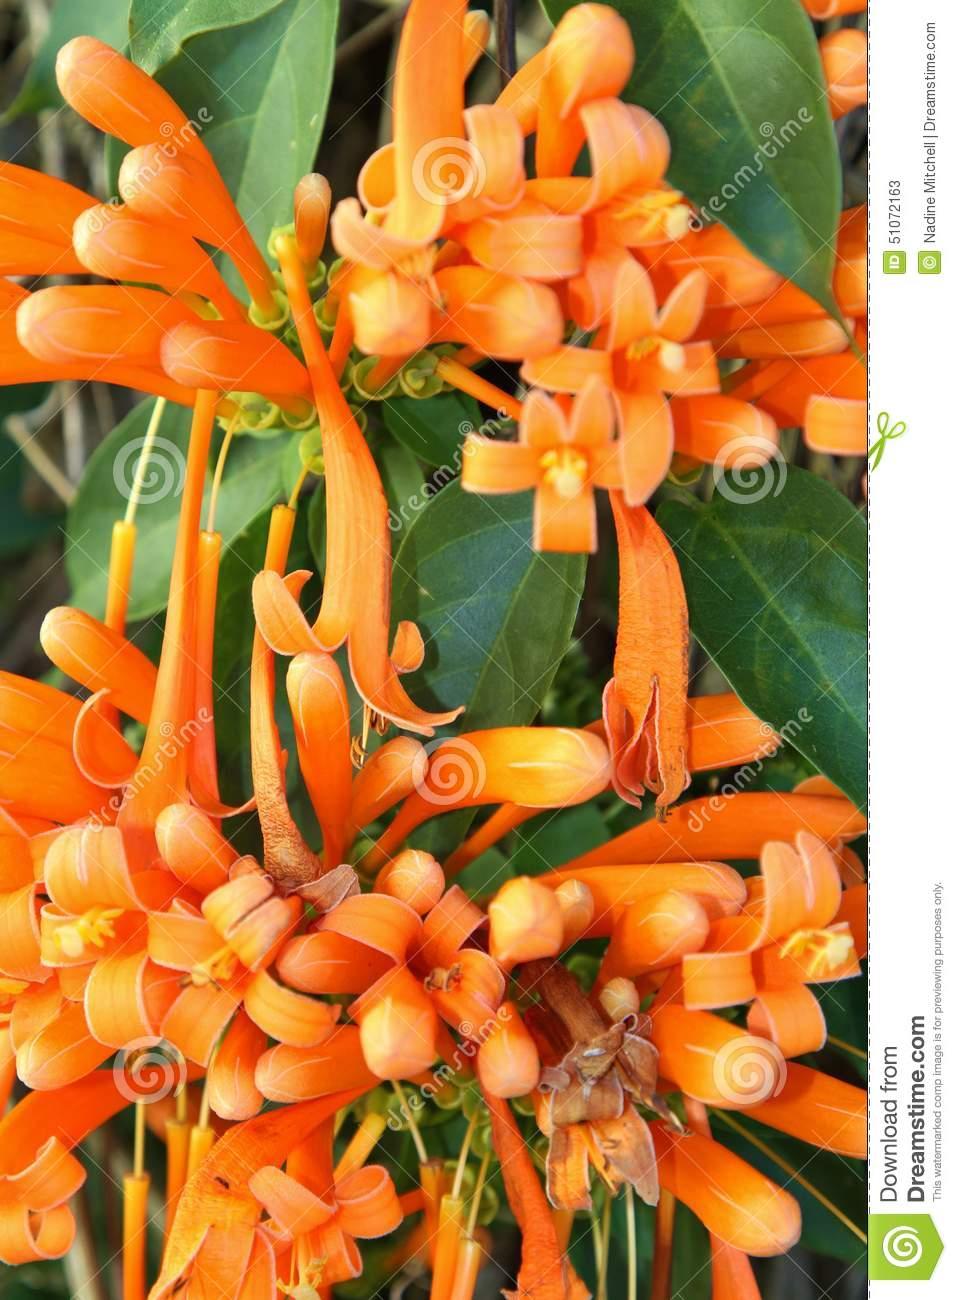 Flame Vine Or Pyrostegia Venusta Stock Photo.